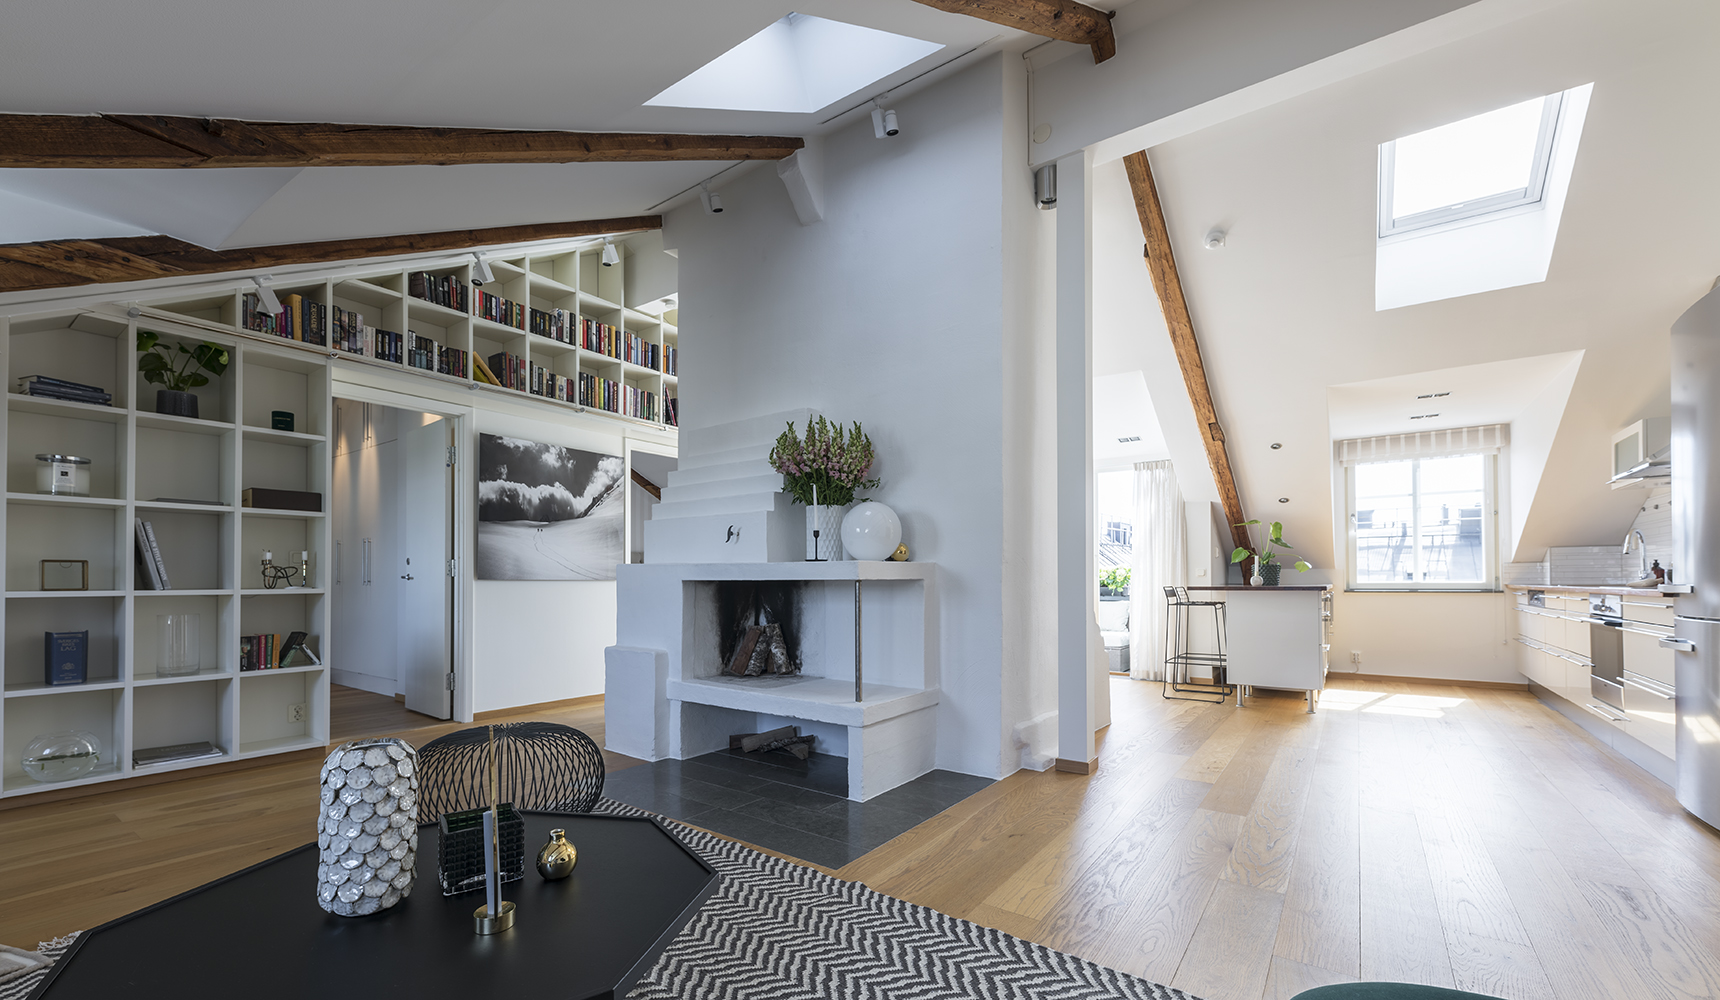 Två takfönster och tre fönsterkupor ger rikligt med ljus i sällskapsdelen